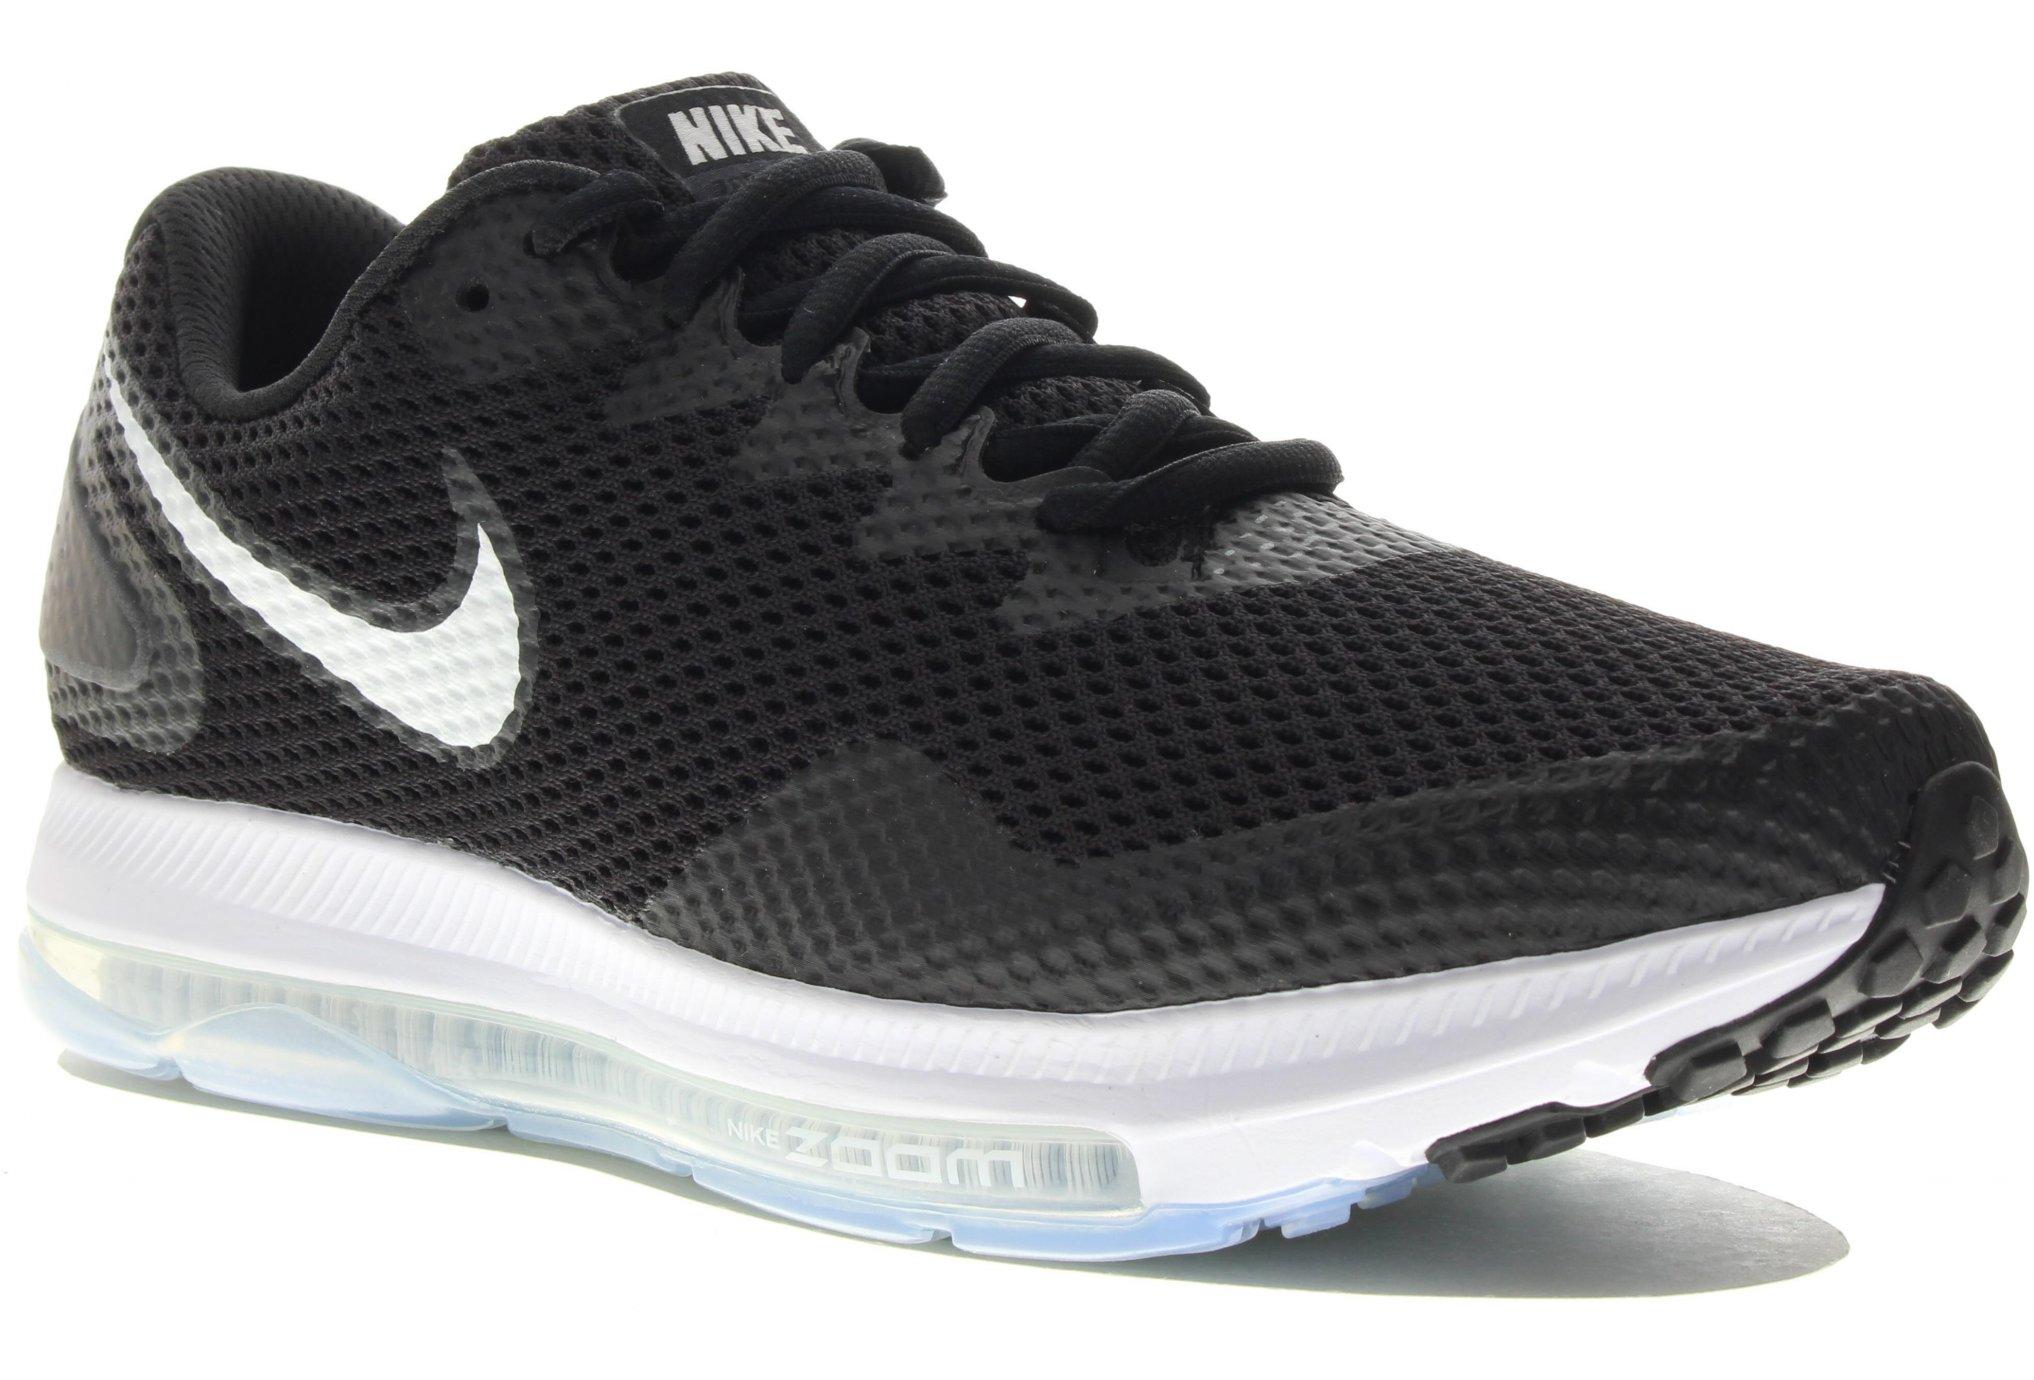 Nike Zoom All Out Low 2 W Diététique Chaussures femme